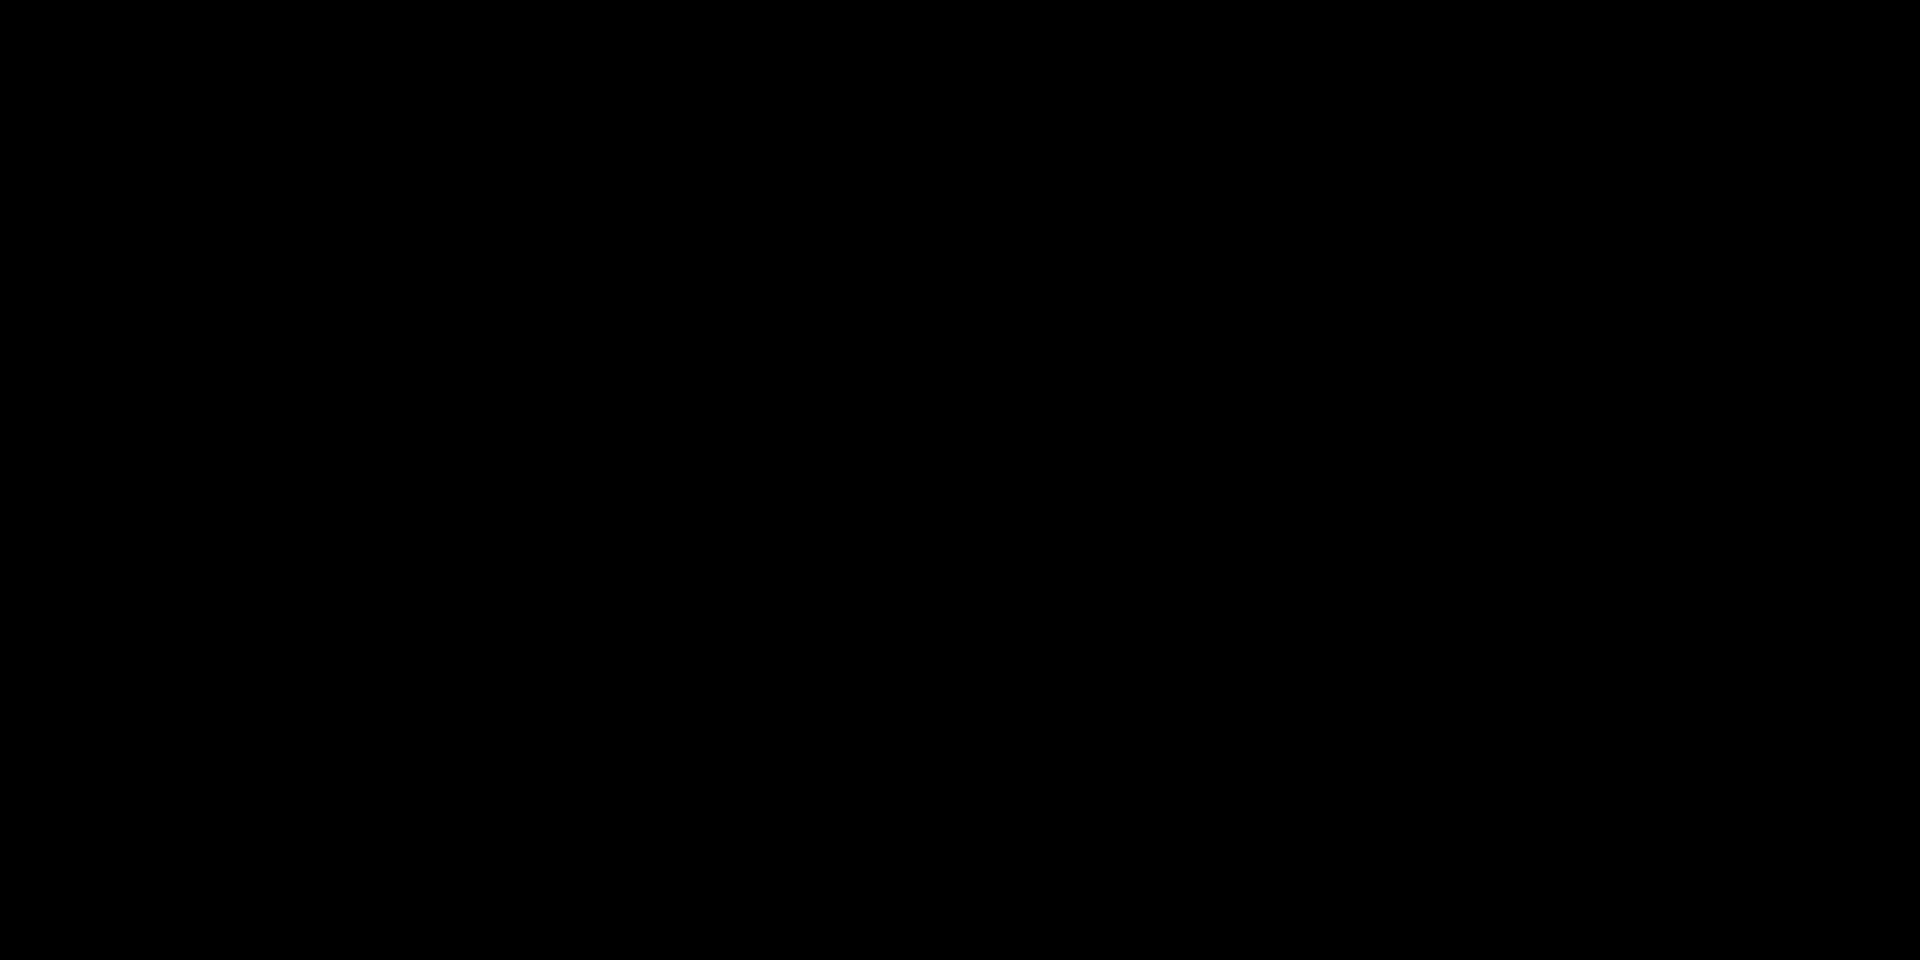 tc_holesov_logo_2020_b.png (PNG 1920x960px )